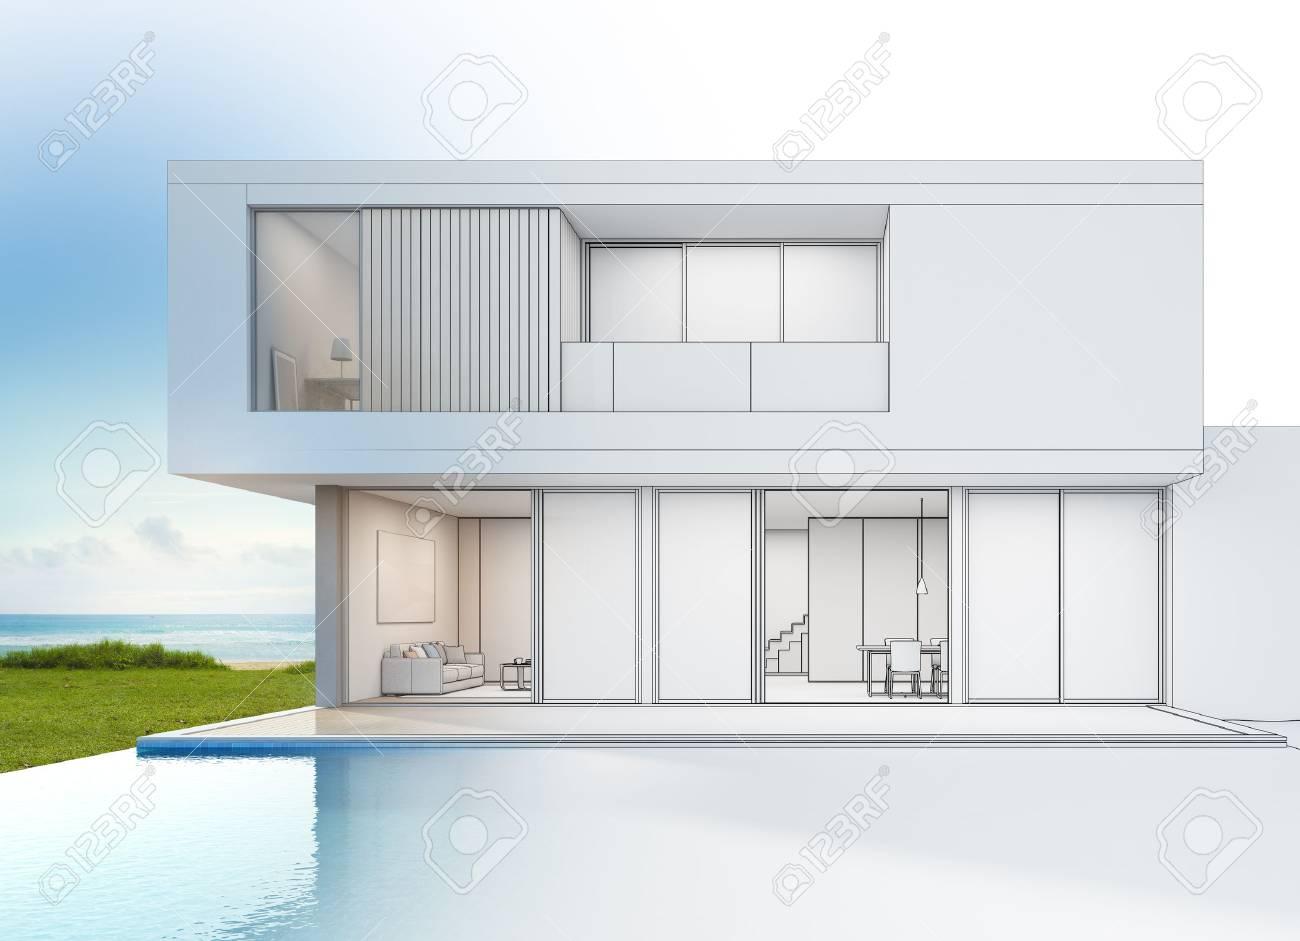 Moderne Luxus-Strand-Haus Mit Meerblick Schwimmbad, Sketch Design ...